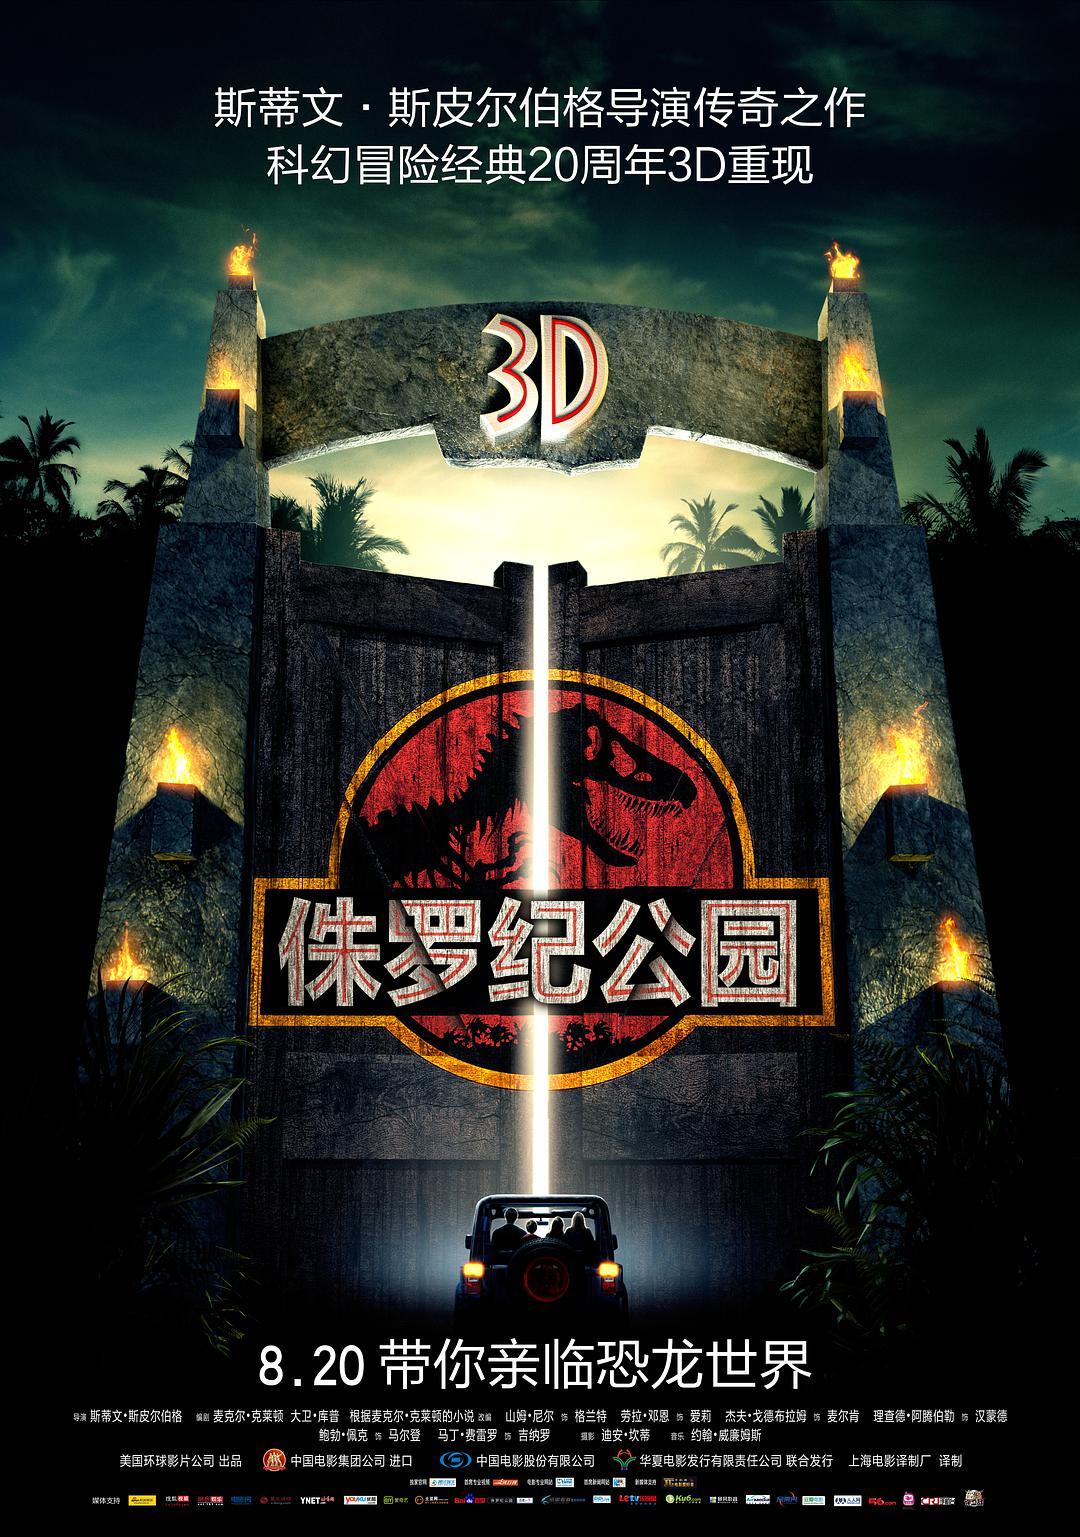 侏罗纪公园 3D版